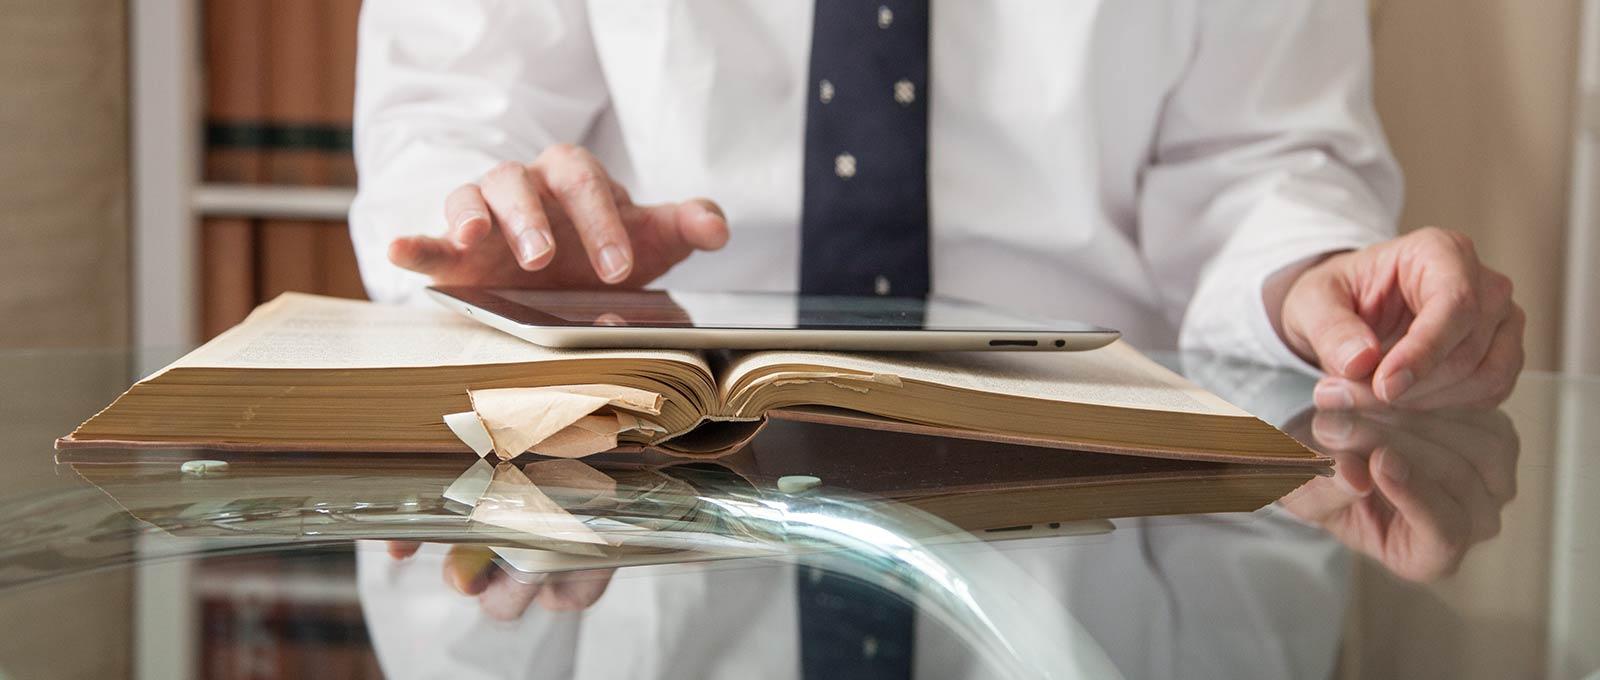 Rechtsanwalt aus Lübeck mit einem iPad